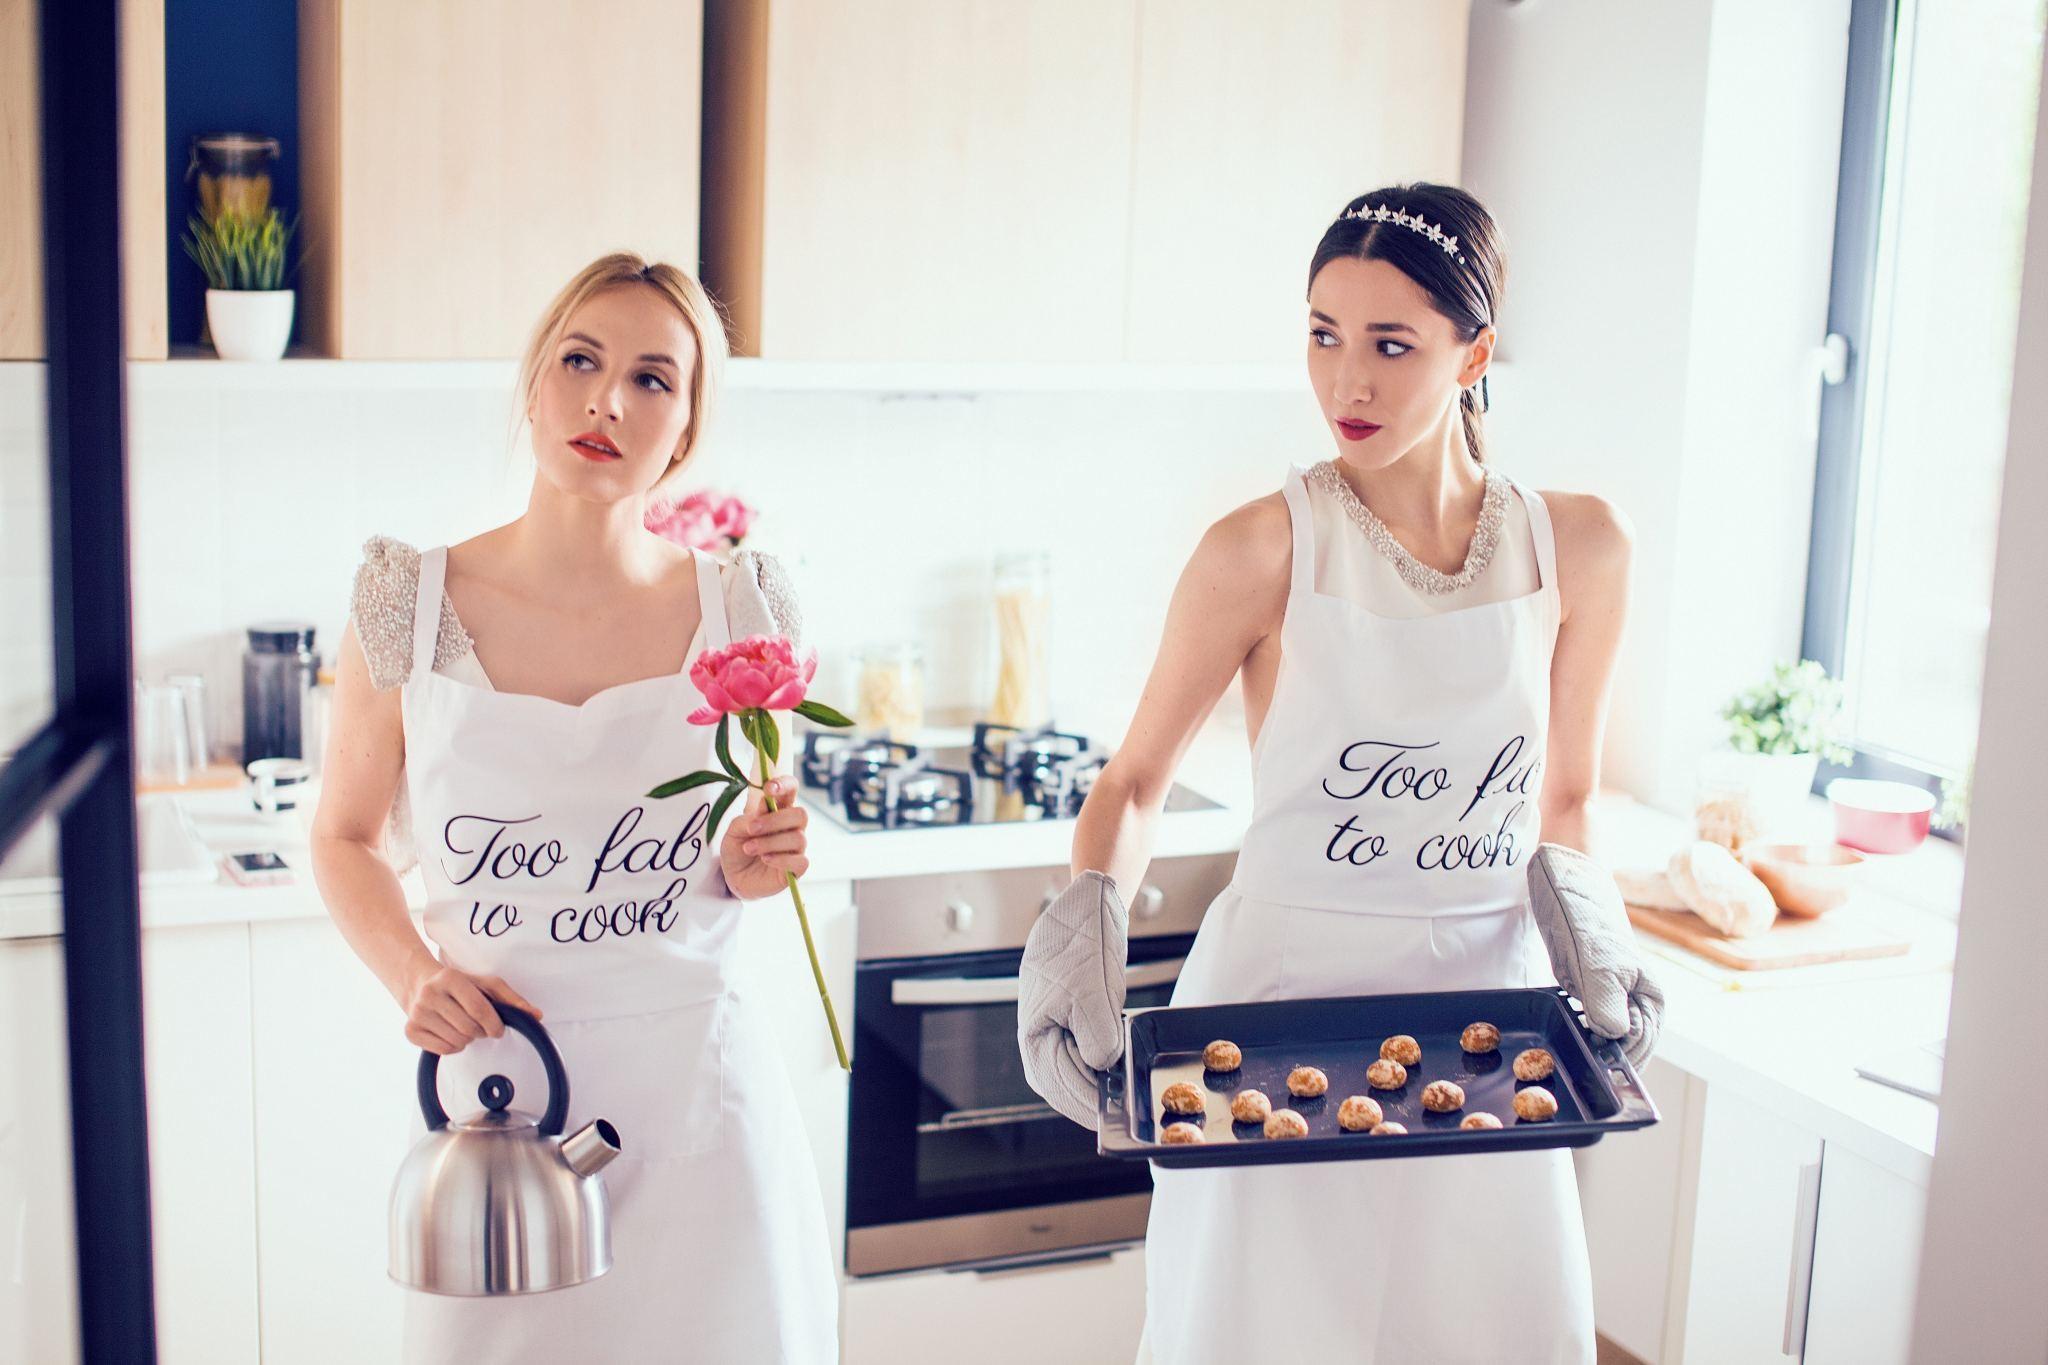 0fabulous_muses_whirlpool_cooking_tips_diana_enciu_Alina_tanasa